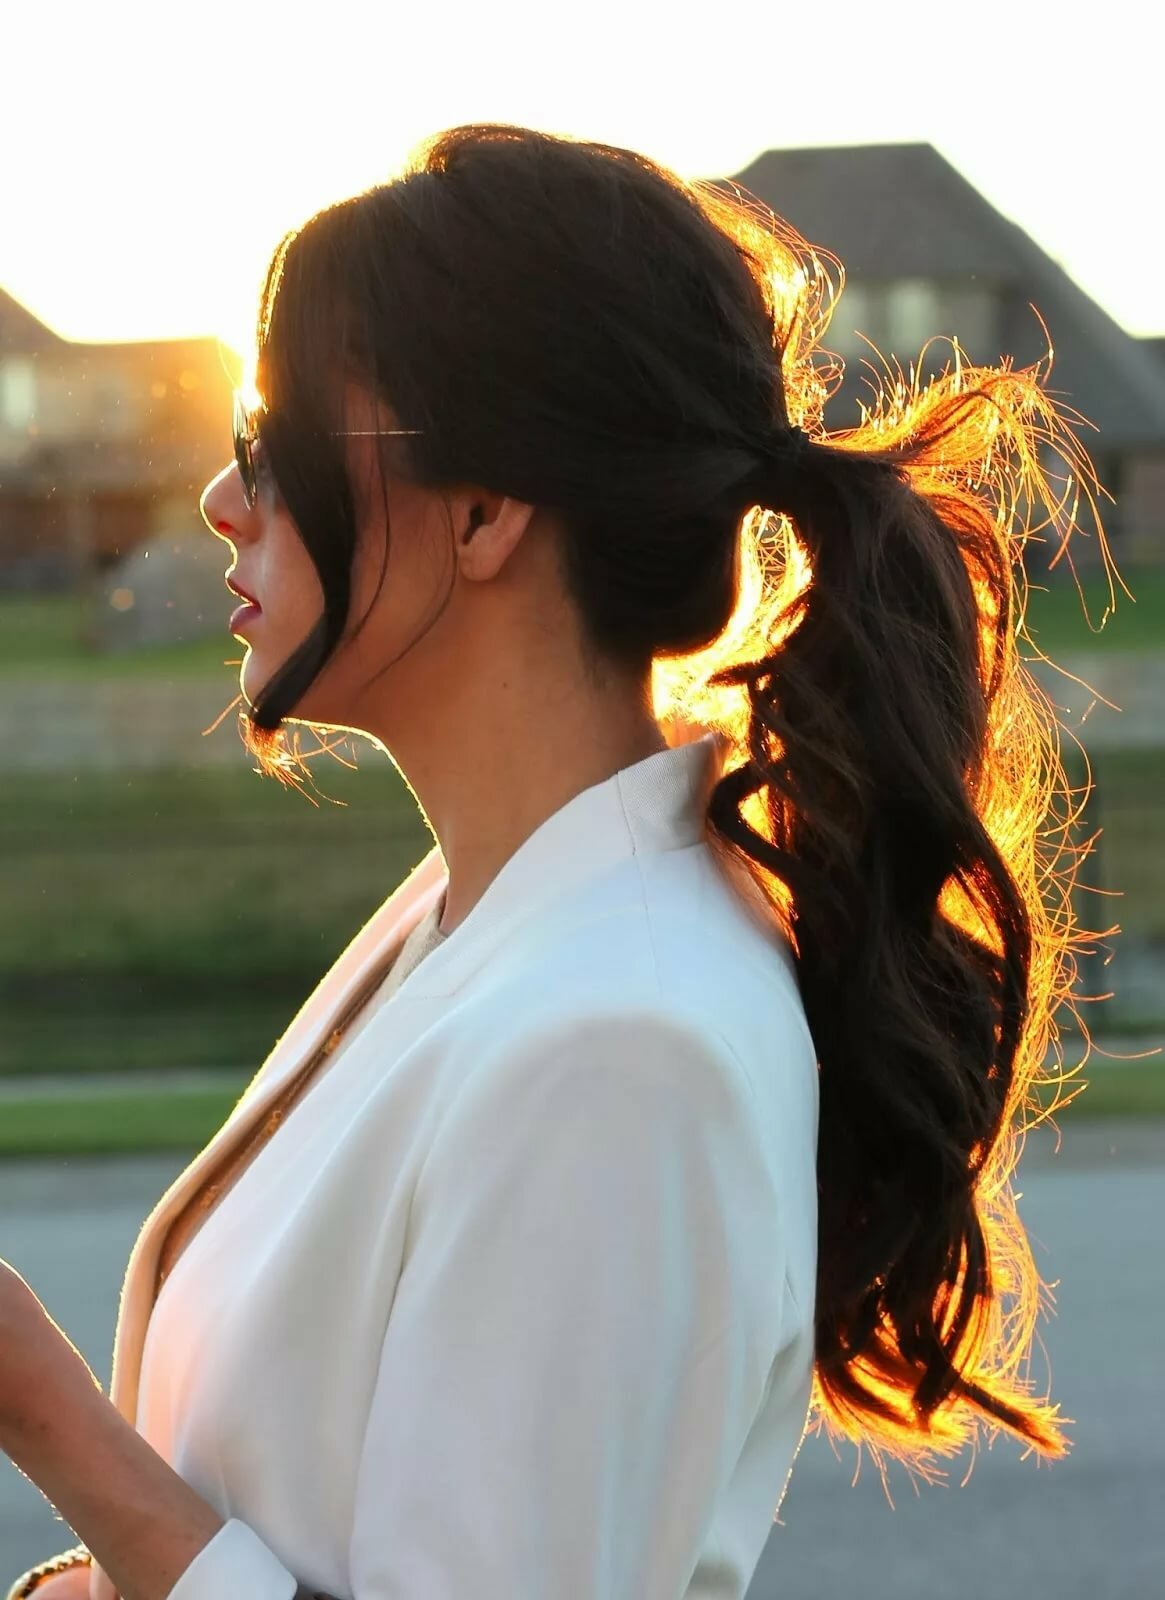 Красивые картинки девушек со спины брюнеток с длинными волосами